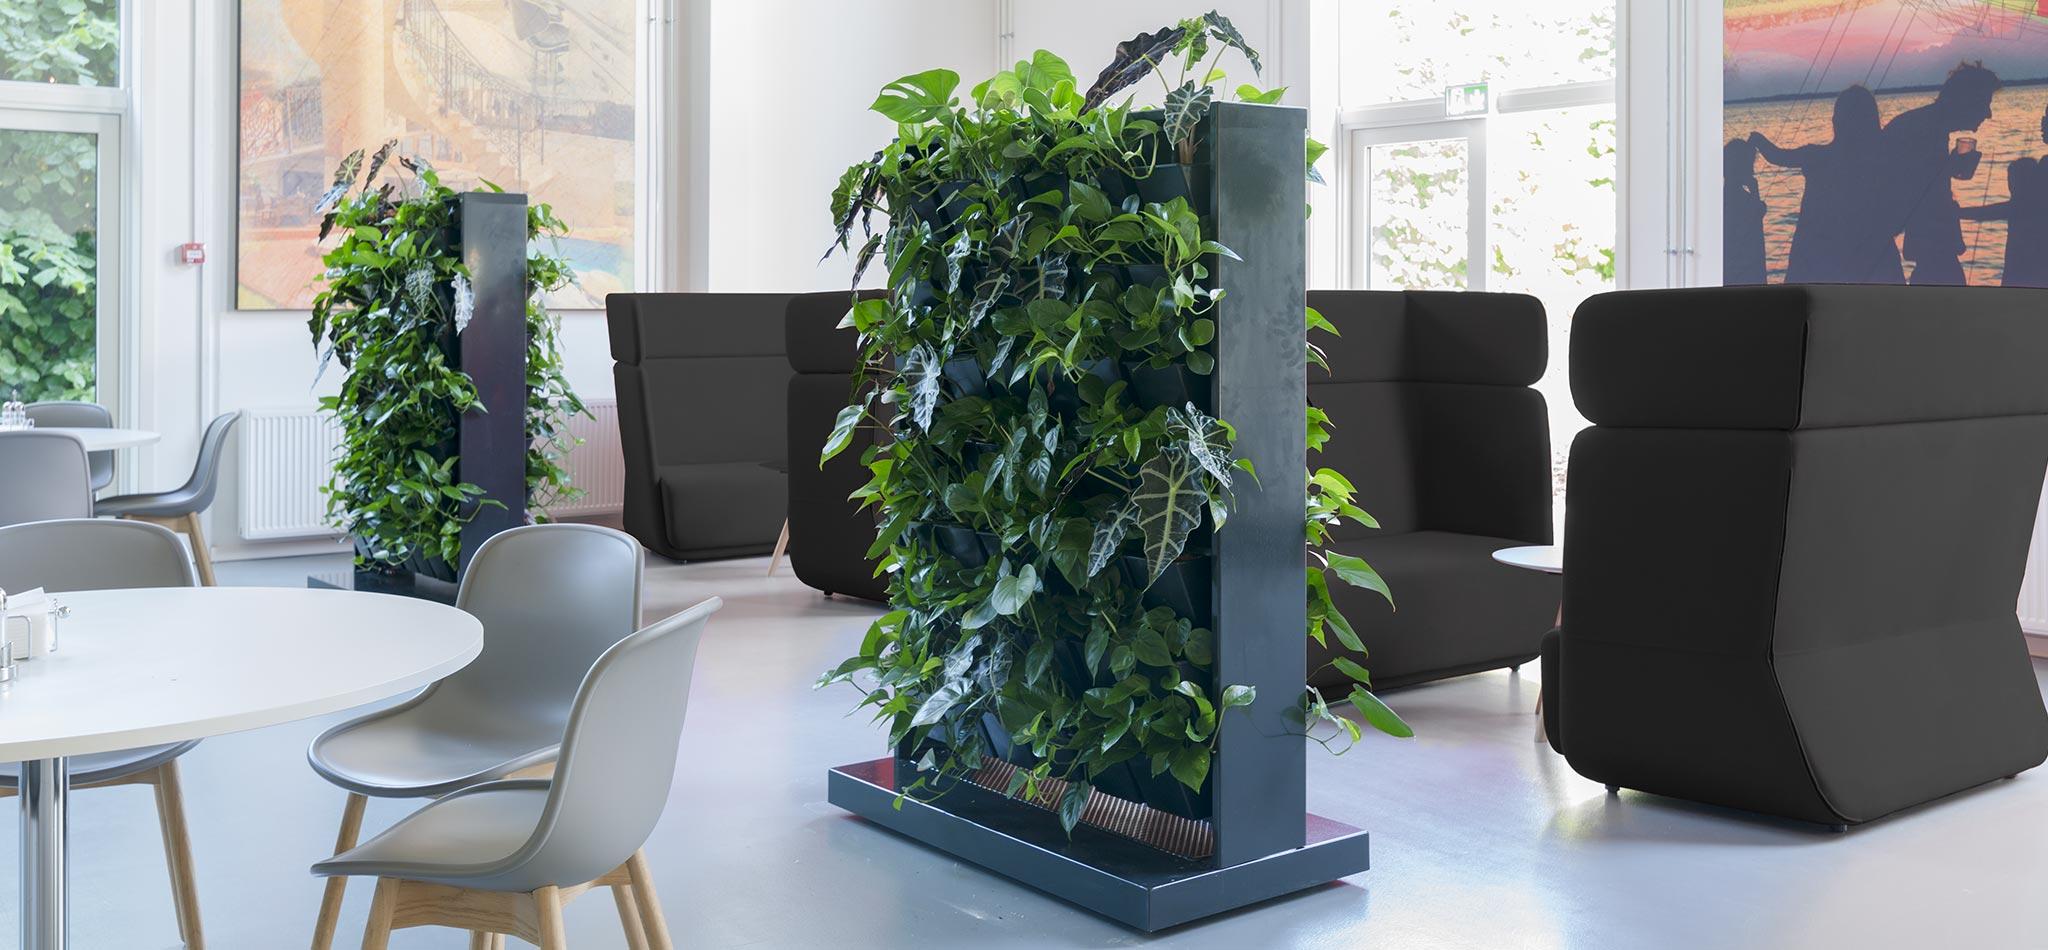 Mobile plantevægge, rumdeler med planter,